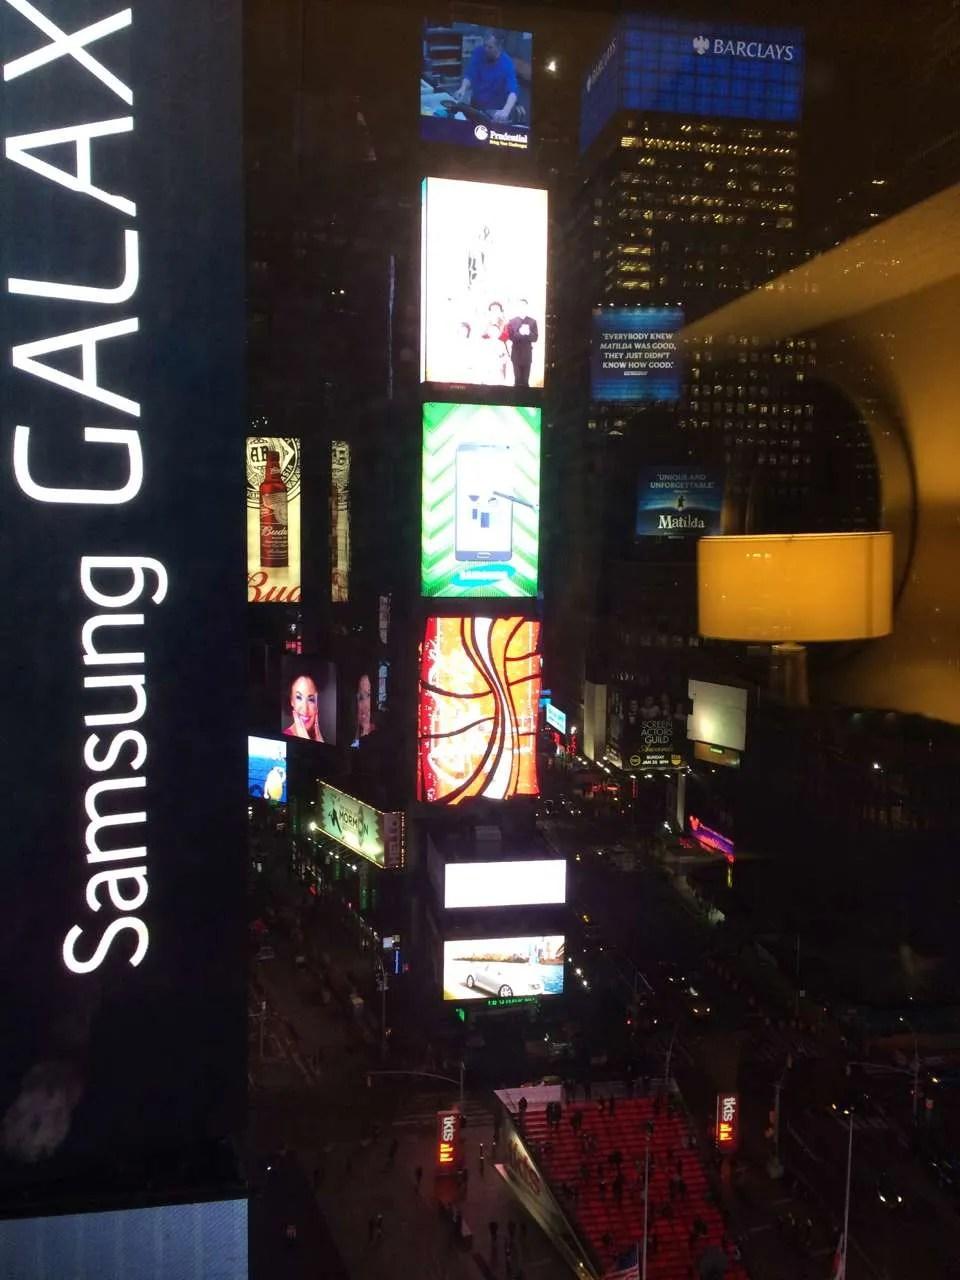 Fabulous Times Square!